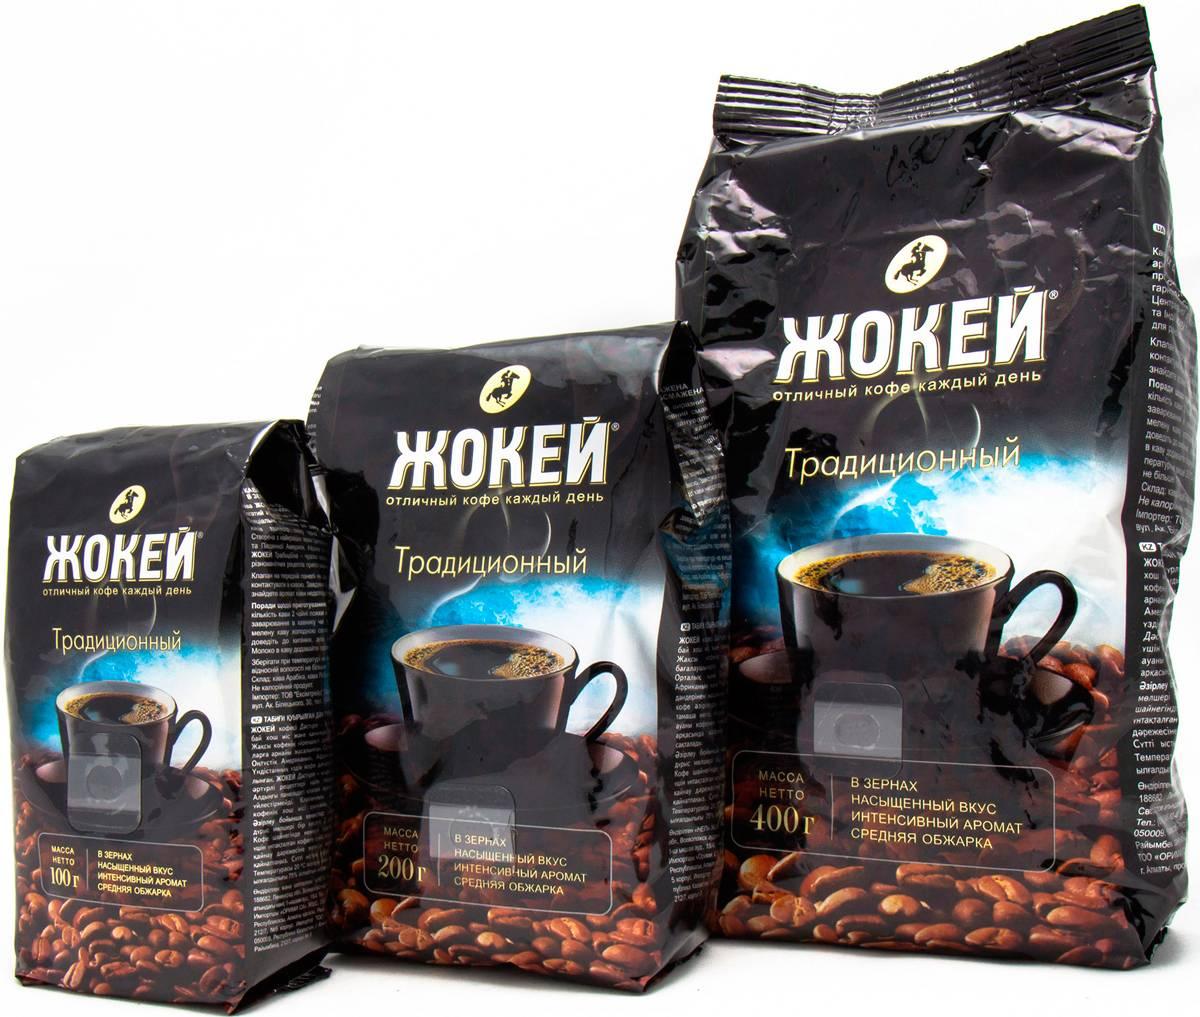 Кофе жокей молотый - отзывы, цены и где купить